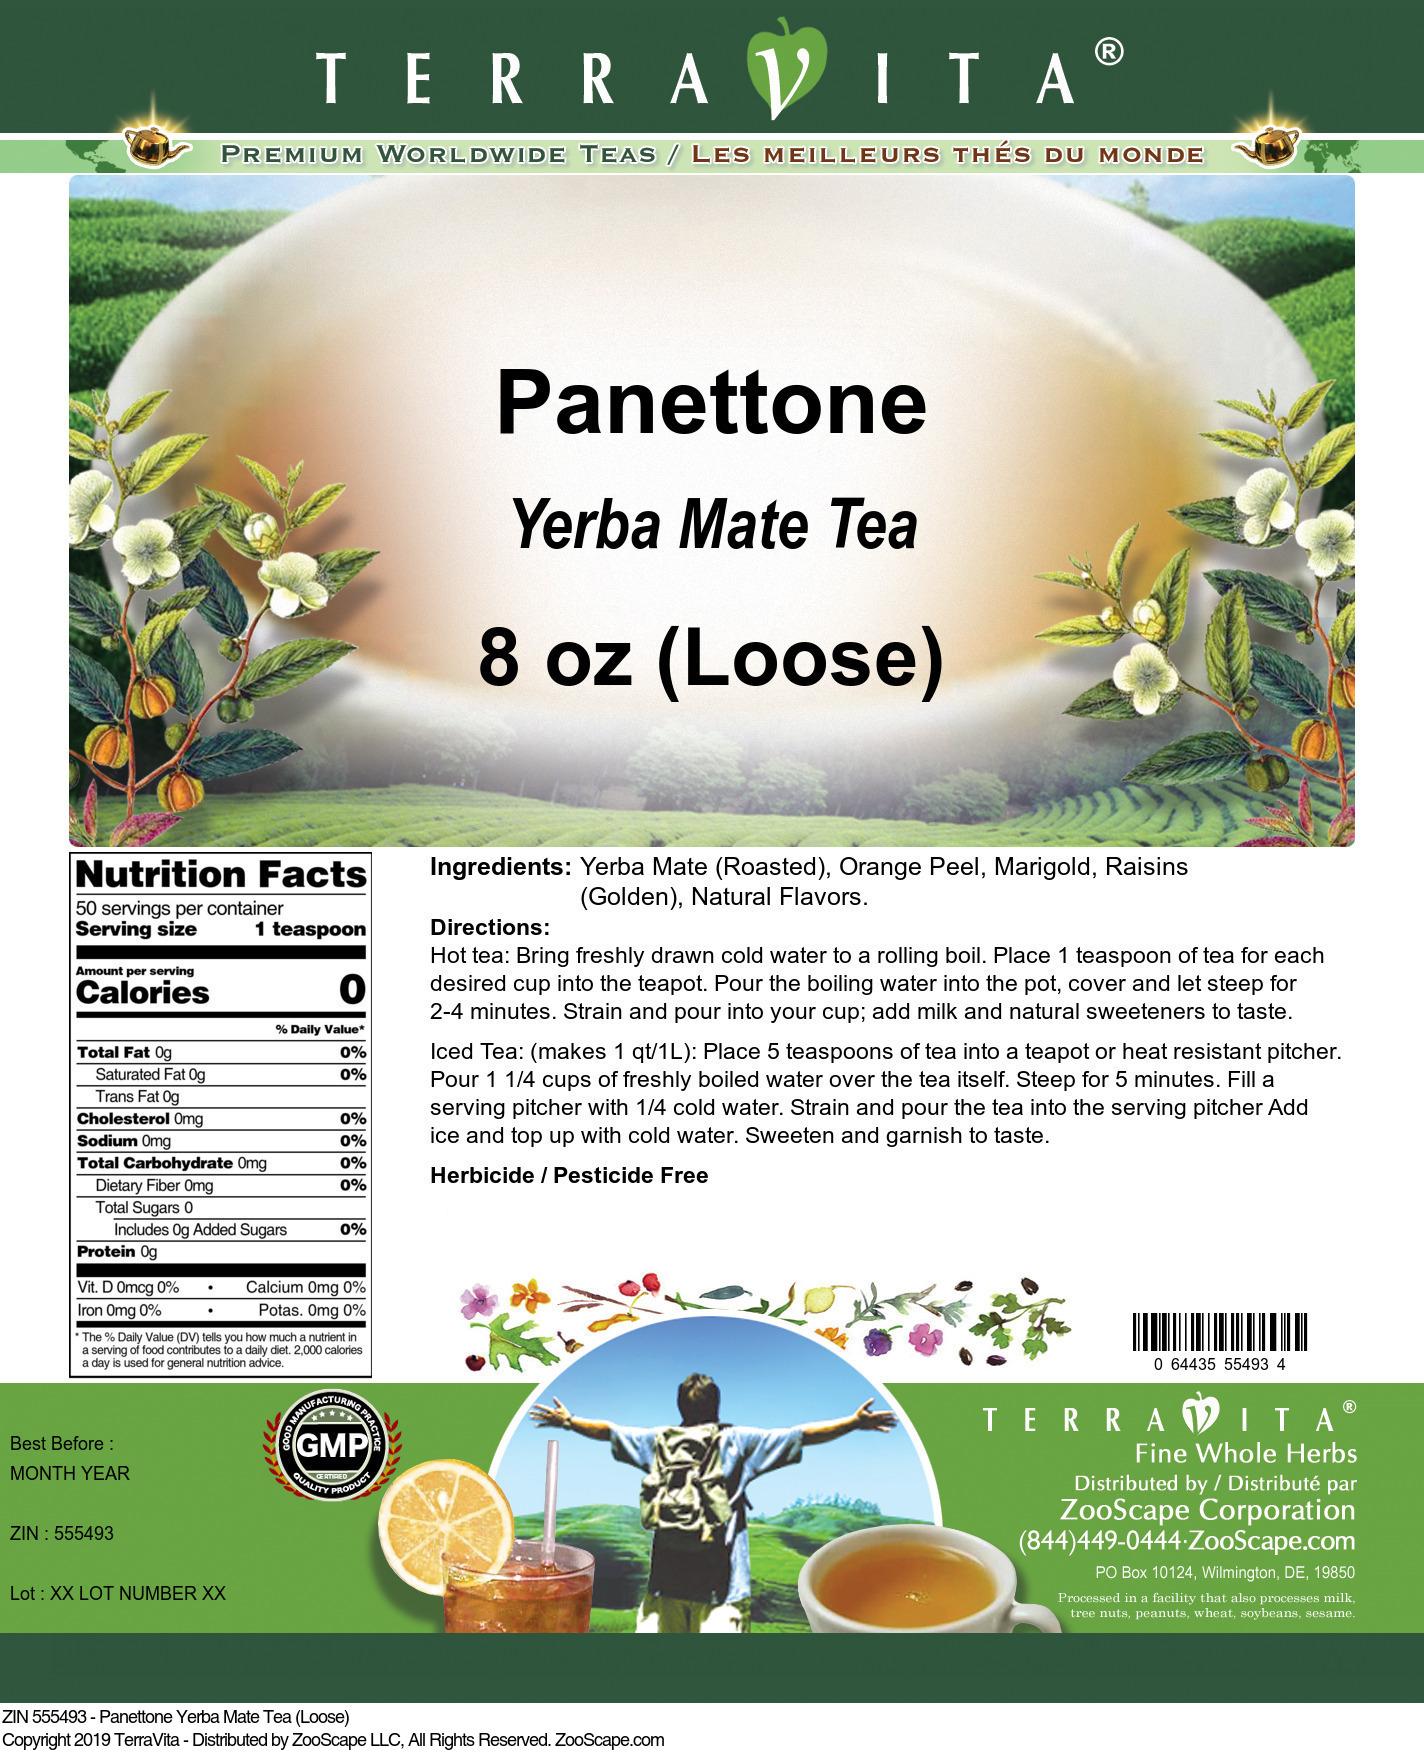 Panettone Yerba Mate Tea (Loose)